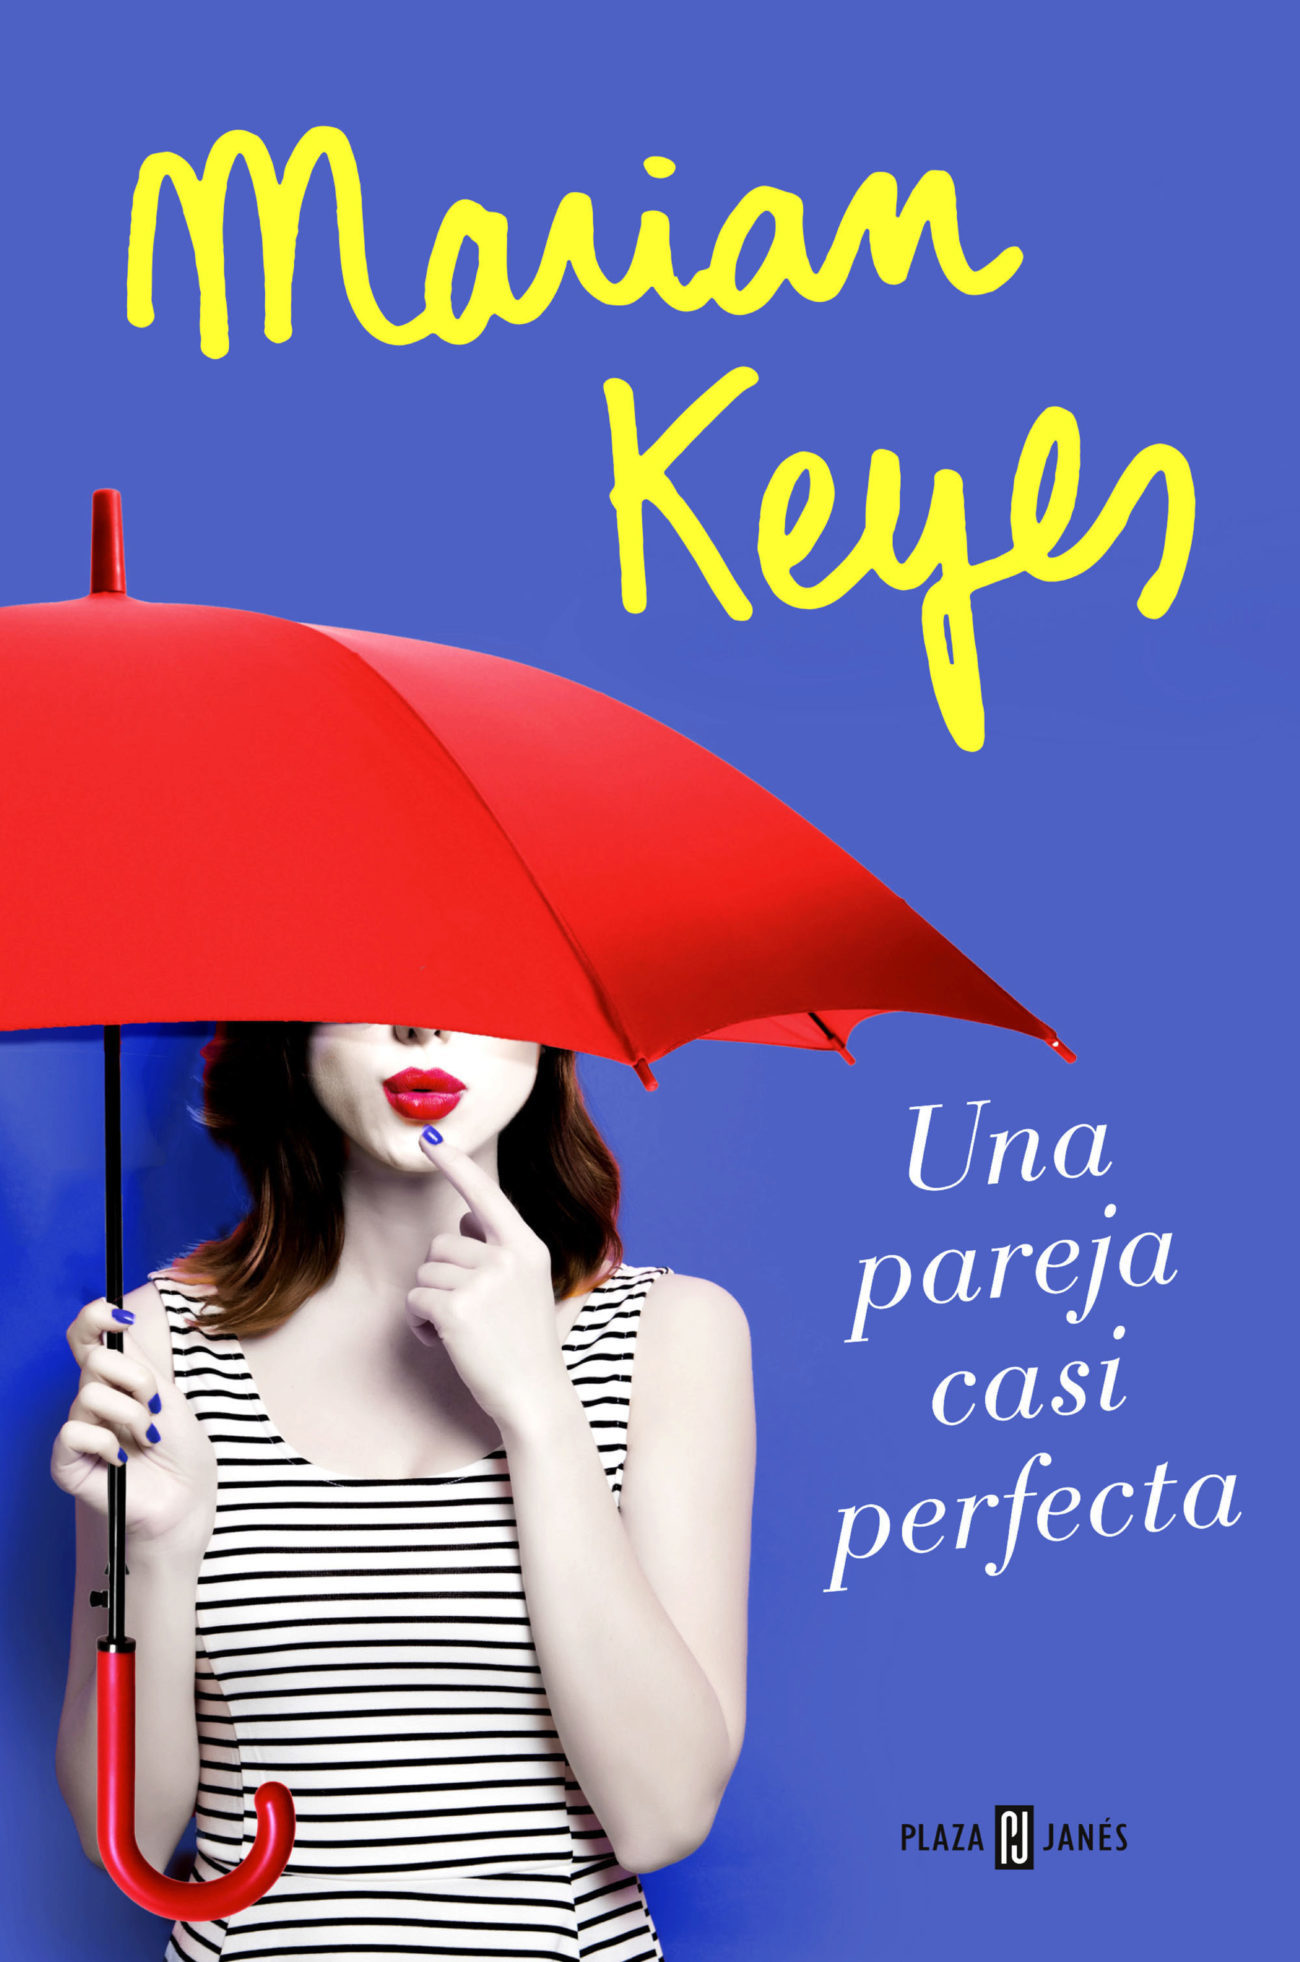 """""""Una pareja casi perfecta"""" es el útlimo libro de Marian Keyes..."""